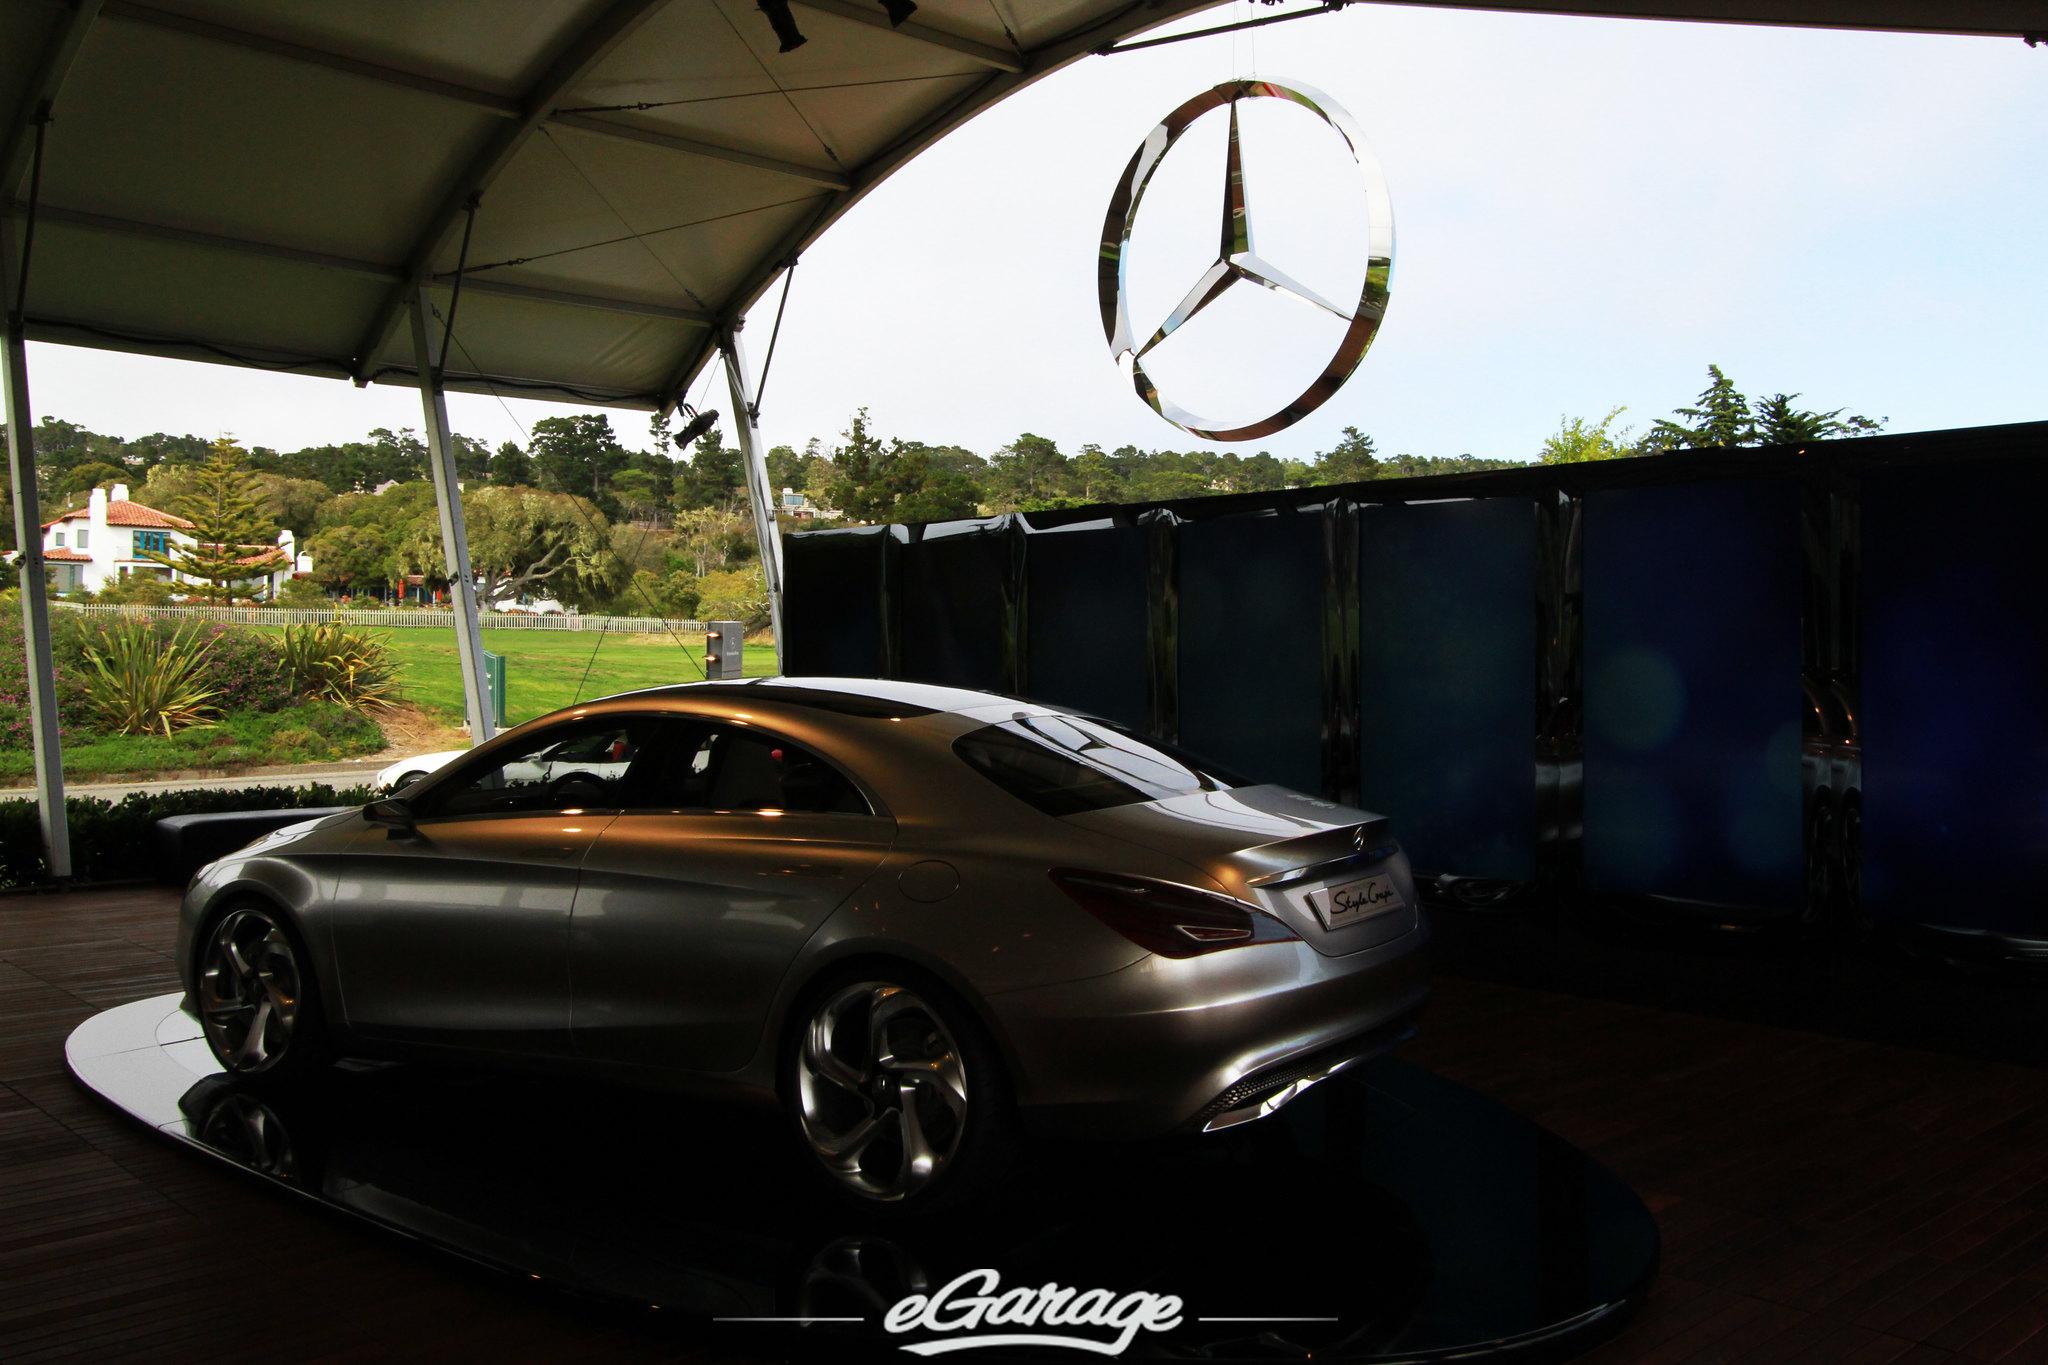 7828954228 500a1c2c1b k Mercedes Benz Classic